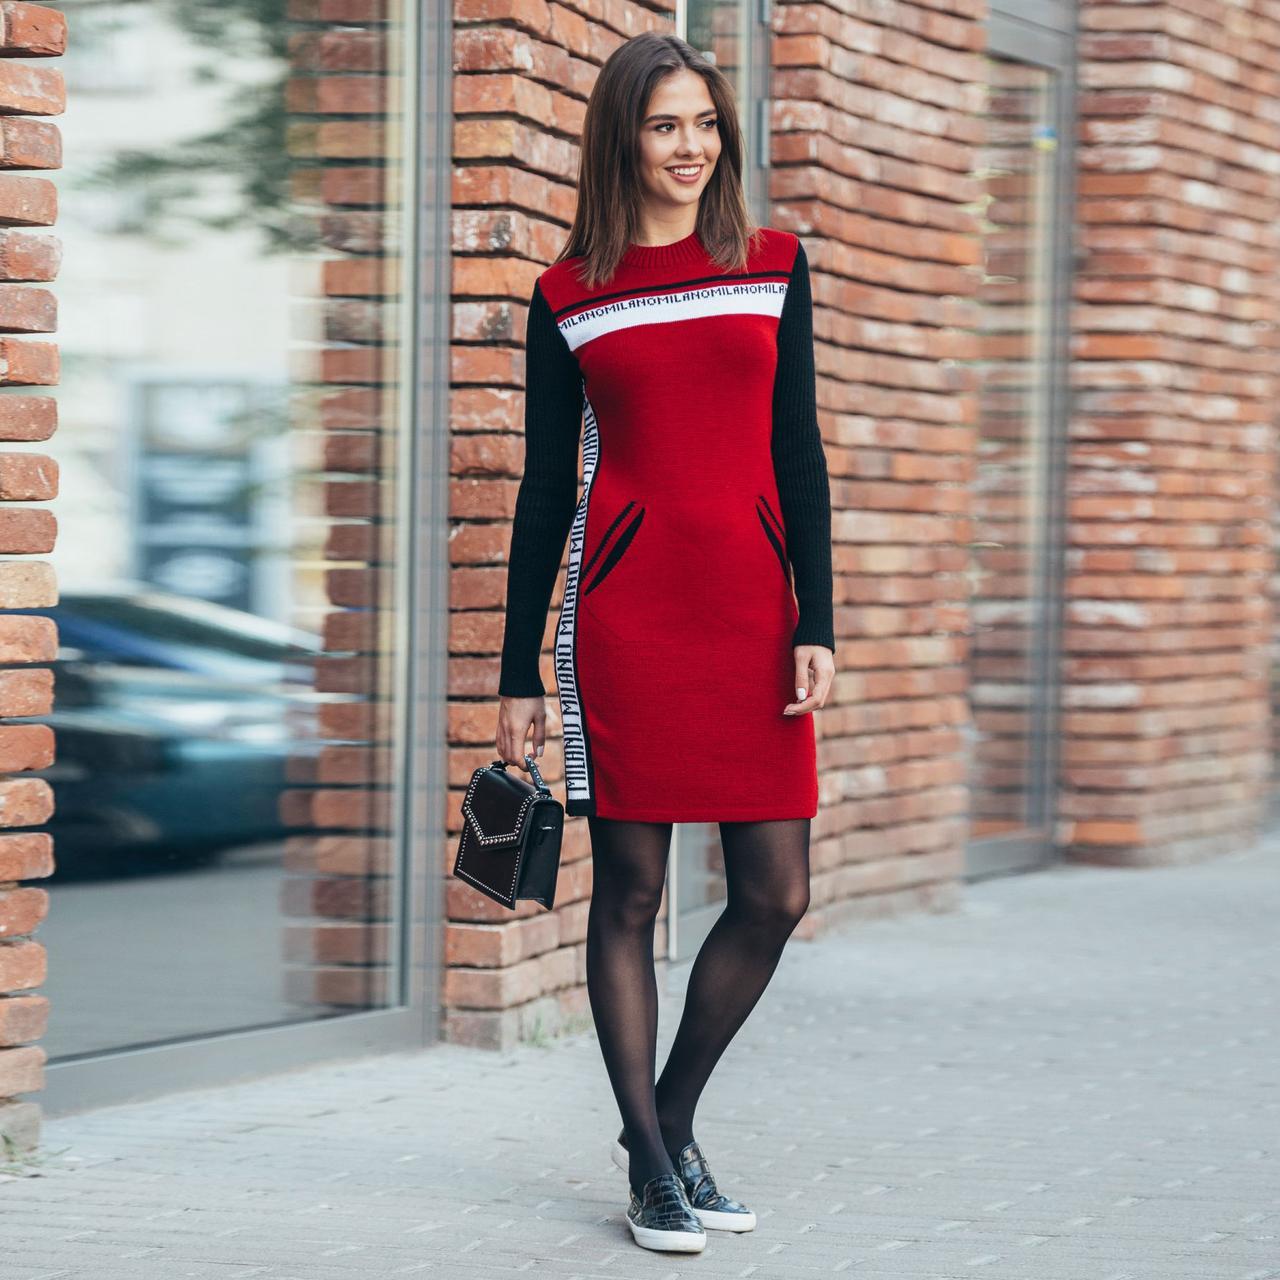 неуважение красные платья под водолазку фото коллекция фотографий